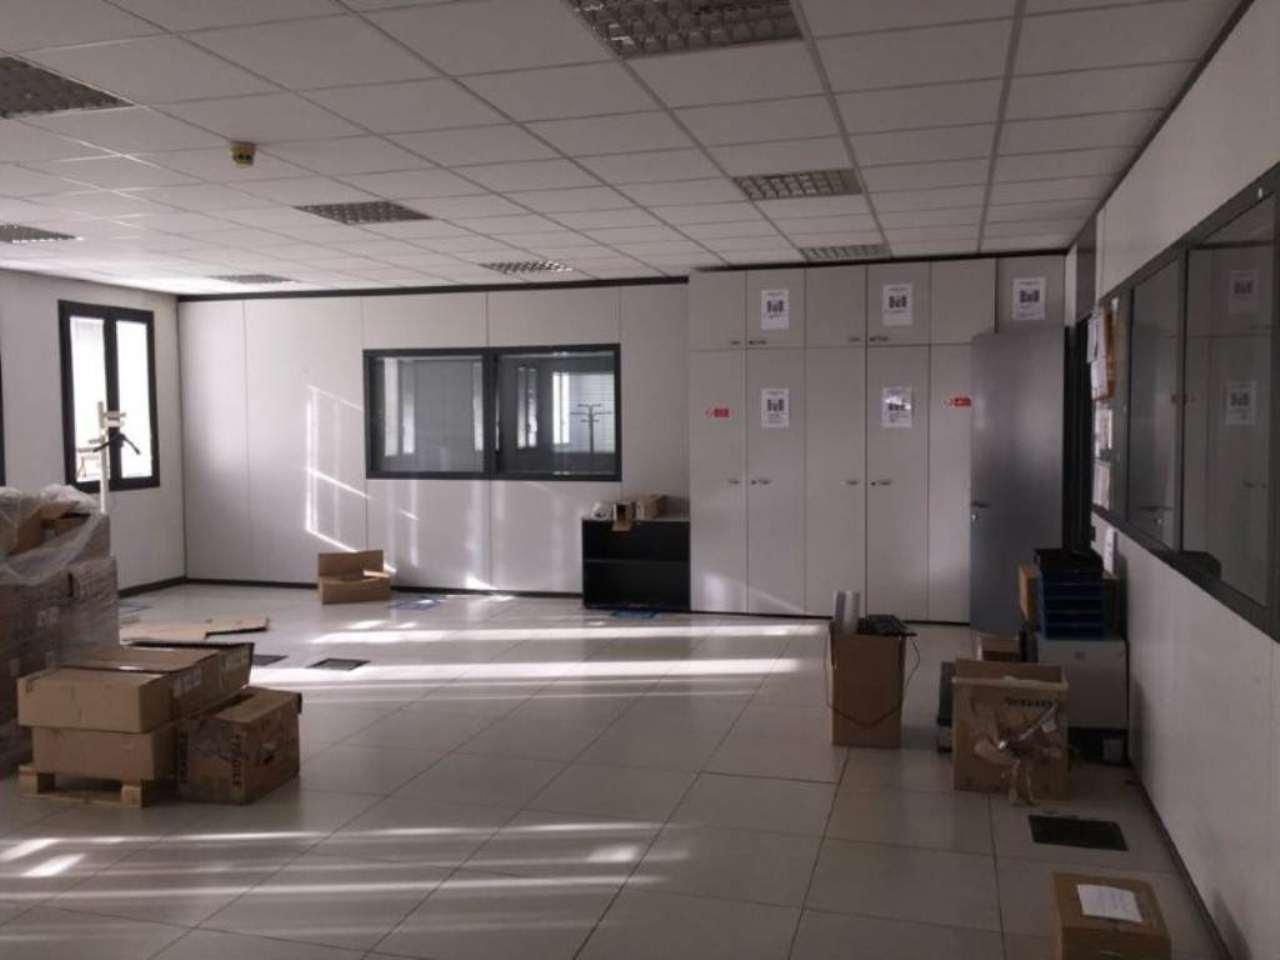 Ufficio / Studio in vendita a San Pietro Mosezzo, 15 locali, prezzo € 650.000 | CambioCasa.it